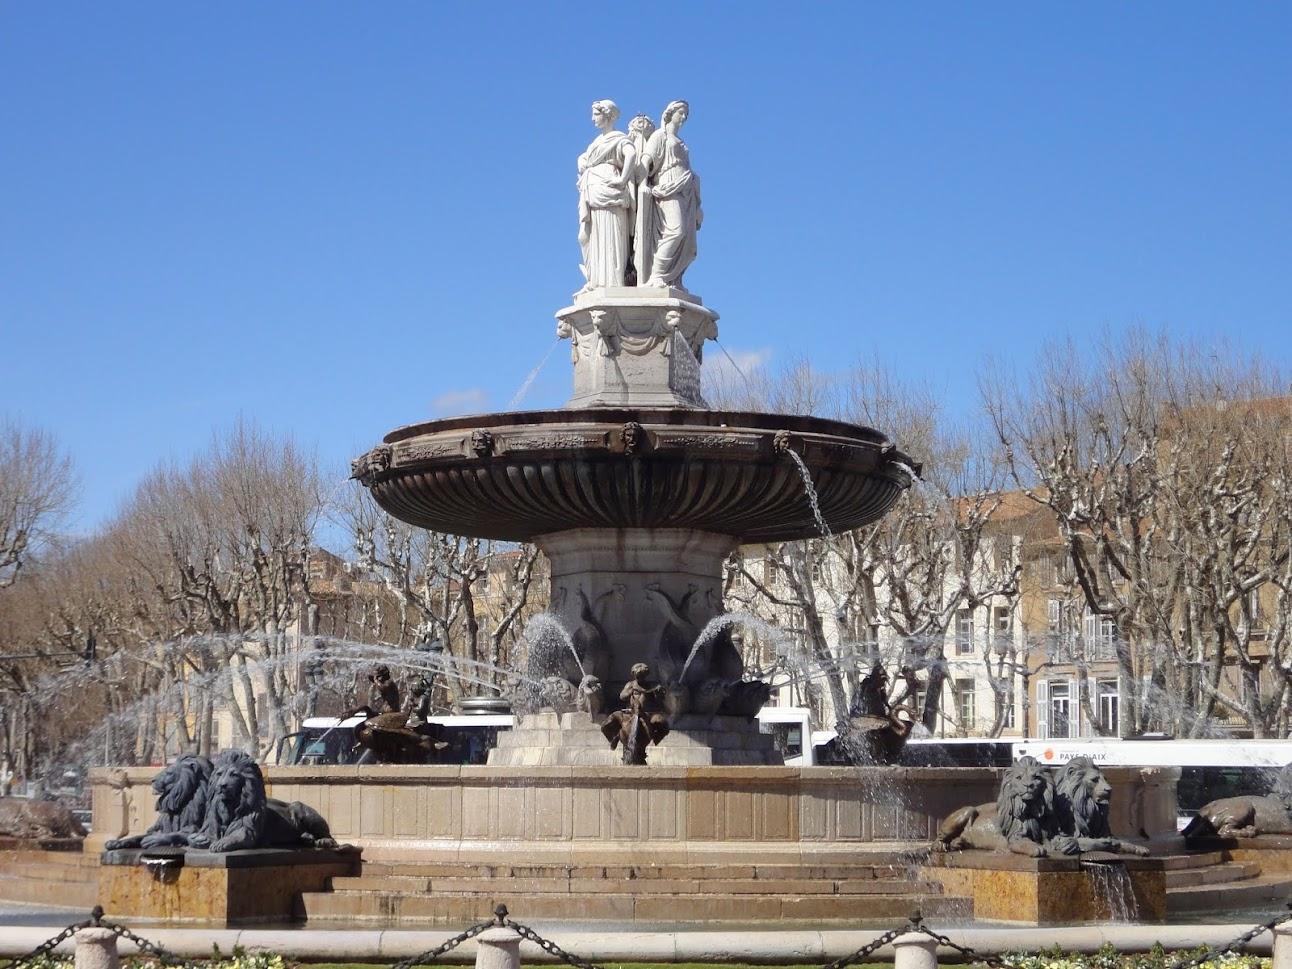 Fontaine de la Rotonde d'Aix-en-Provence